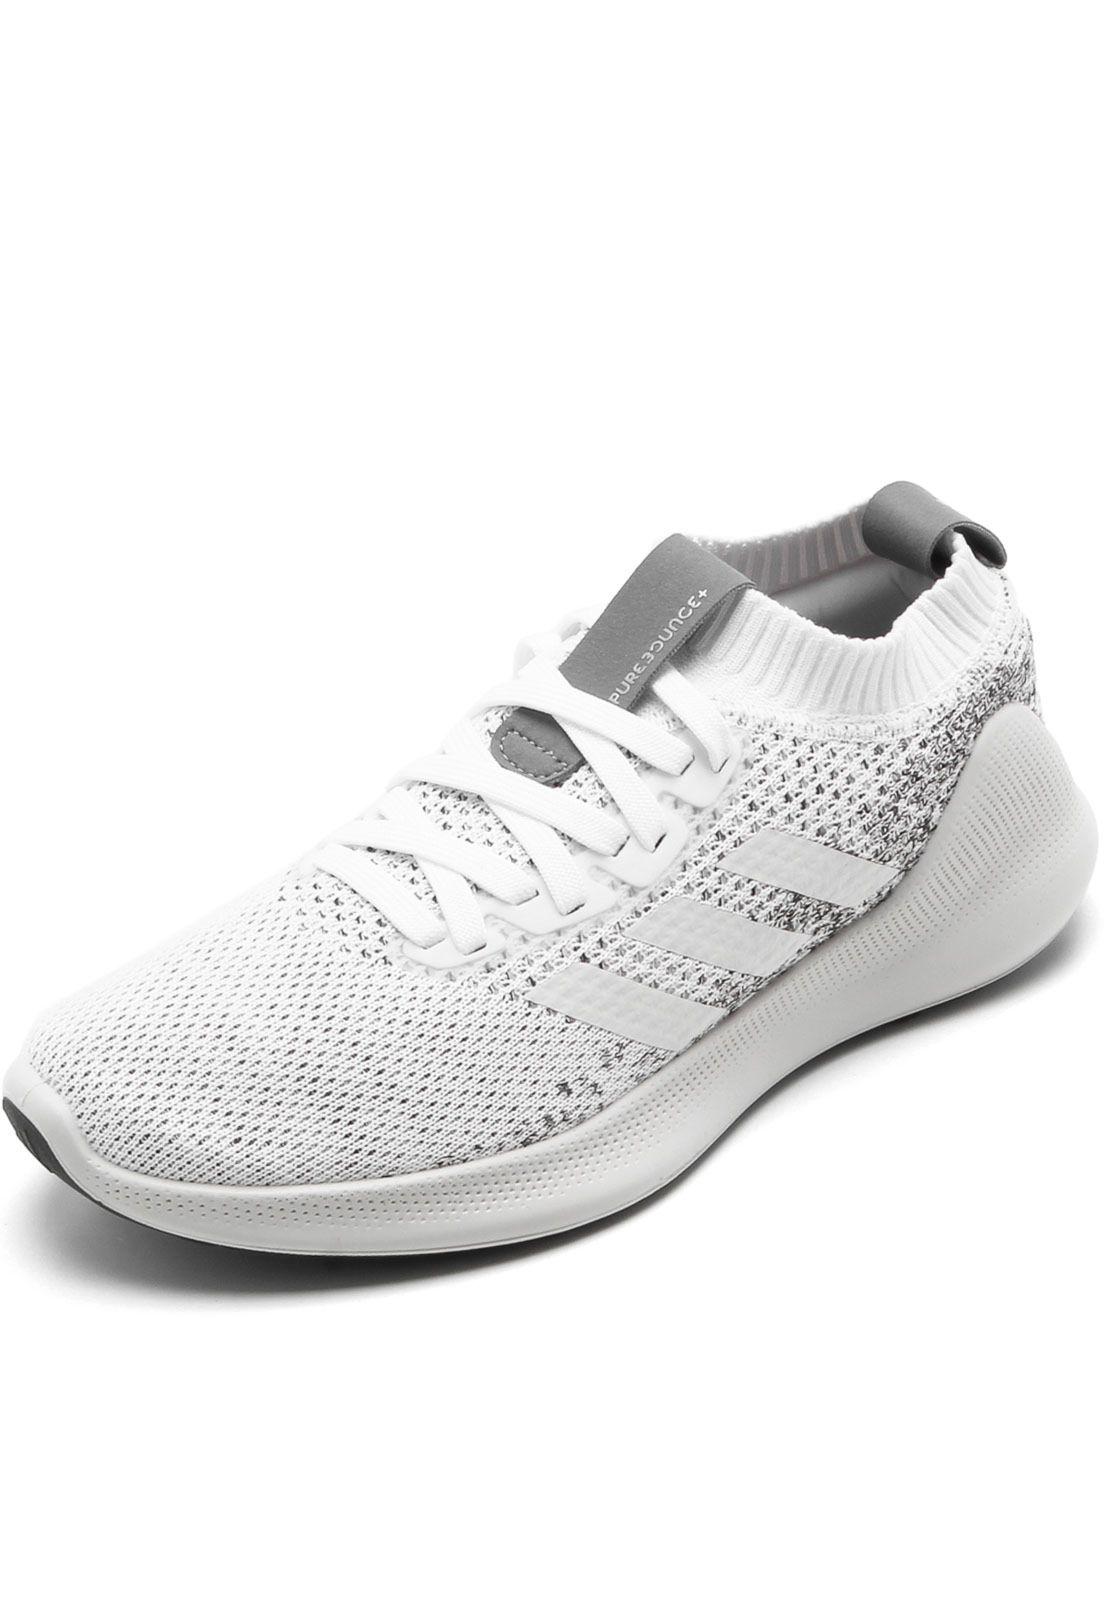 Tênis adidas Purebounce Ck Twist M Branco | Tênis adidas